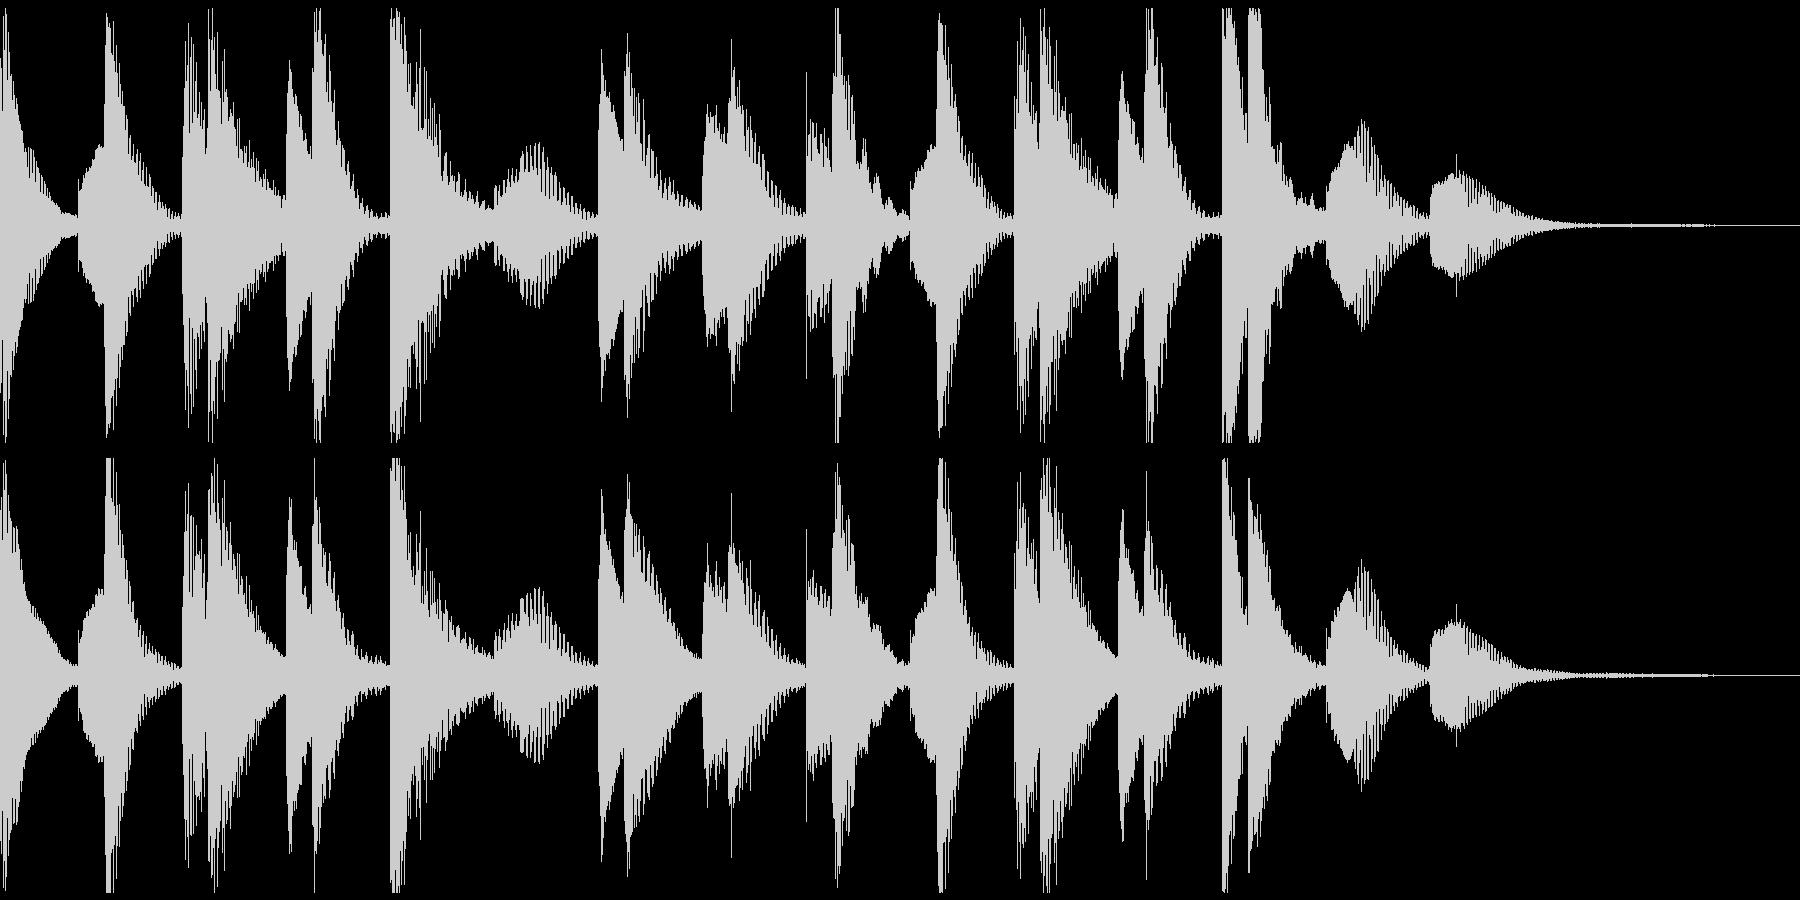 ほのぼの明るいマリンバ_ジングルCMの未再生の波形